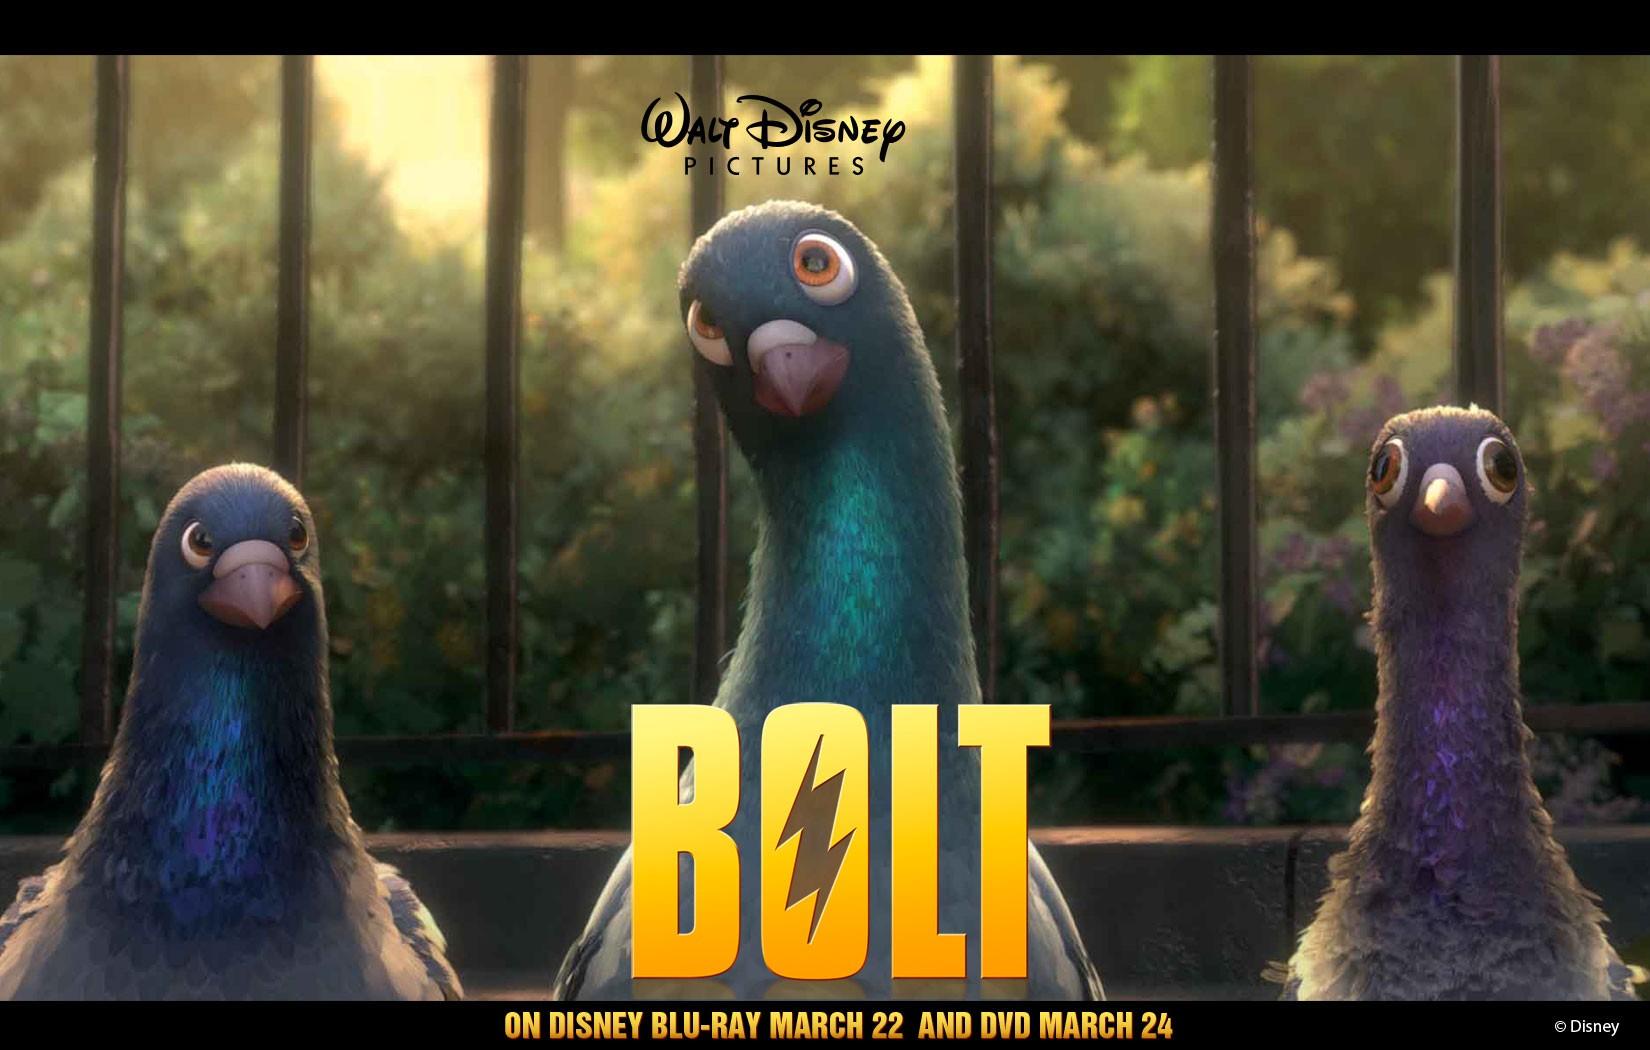 Un wallpaper dei 3 piccioni per pubblicizzare l'uscita in dvd e blu-ray del film 'Bolt'